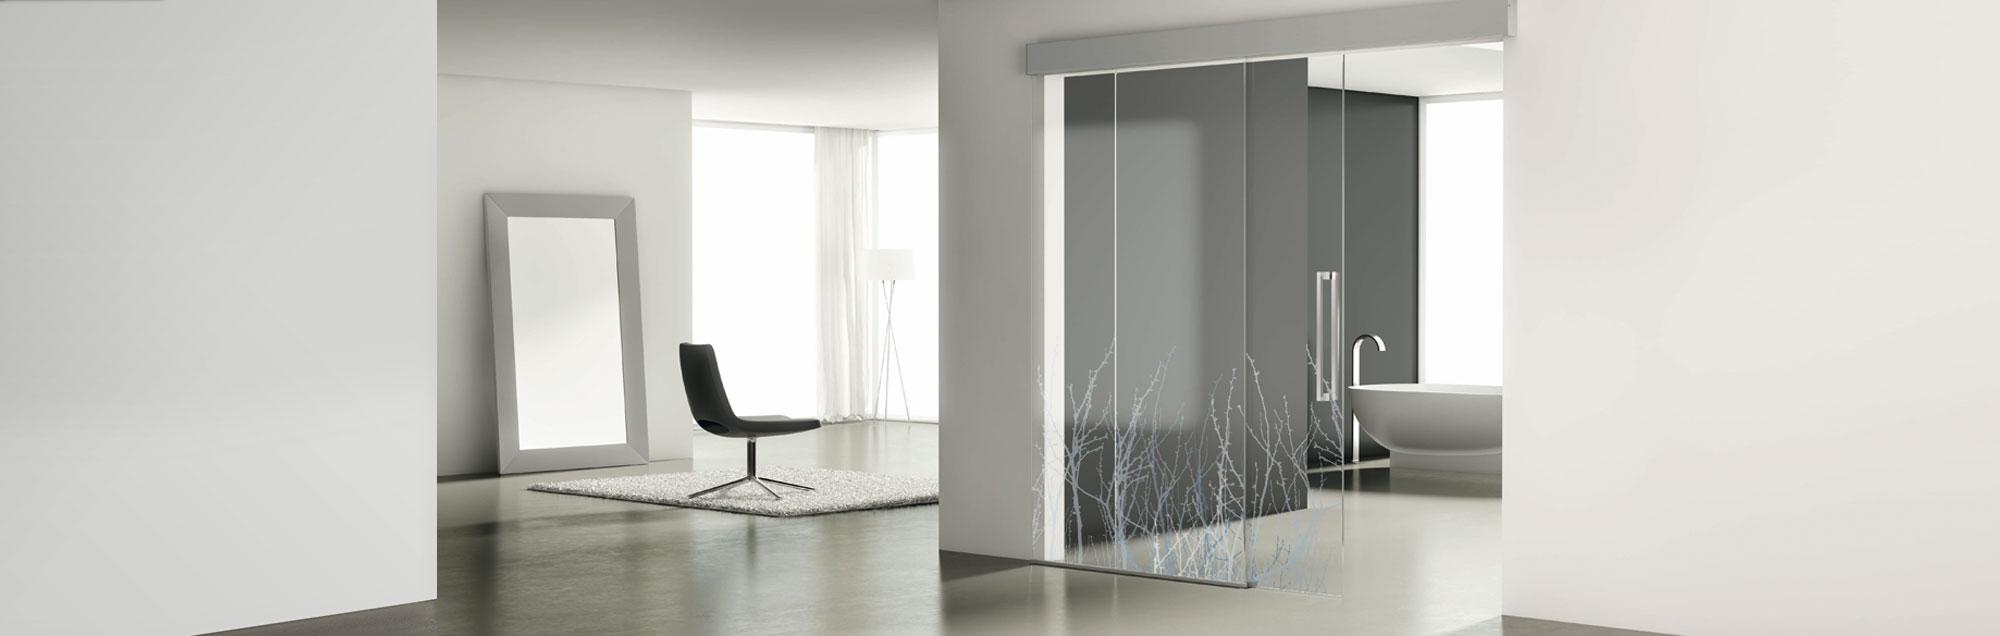 Série Luxor portes coulissantes en verre PROFILTEK sur mesure